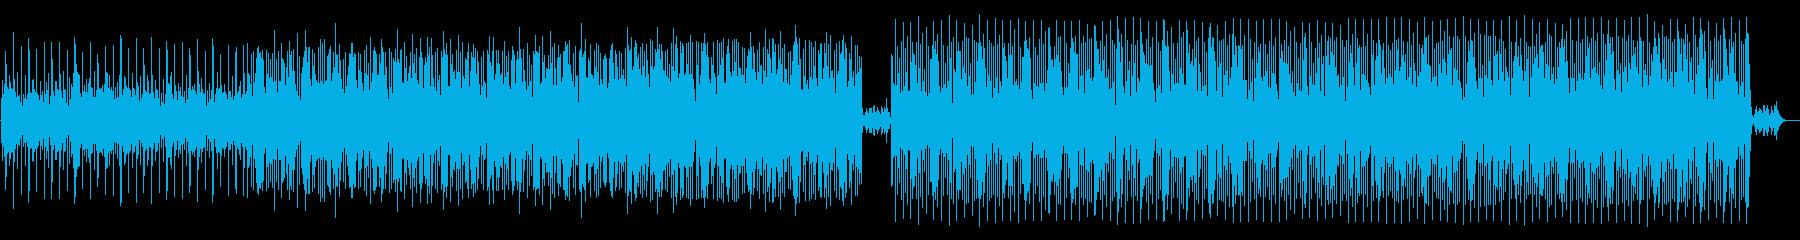 フォーク、ポップの再生済みの波形